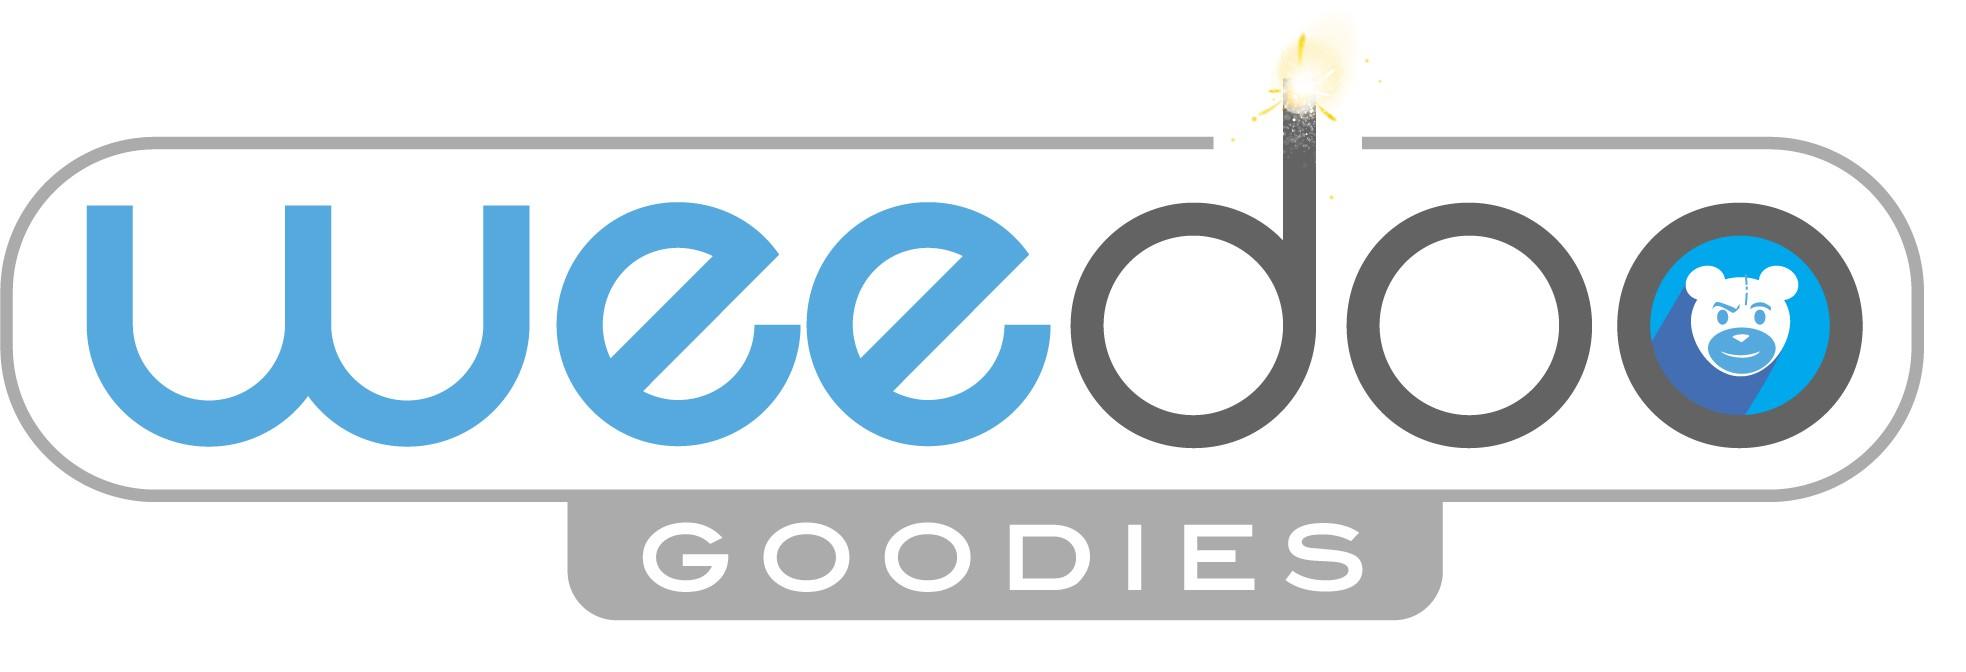 Weedoo Goodies